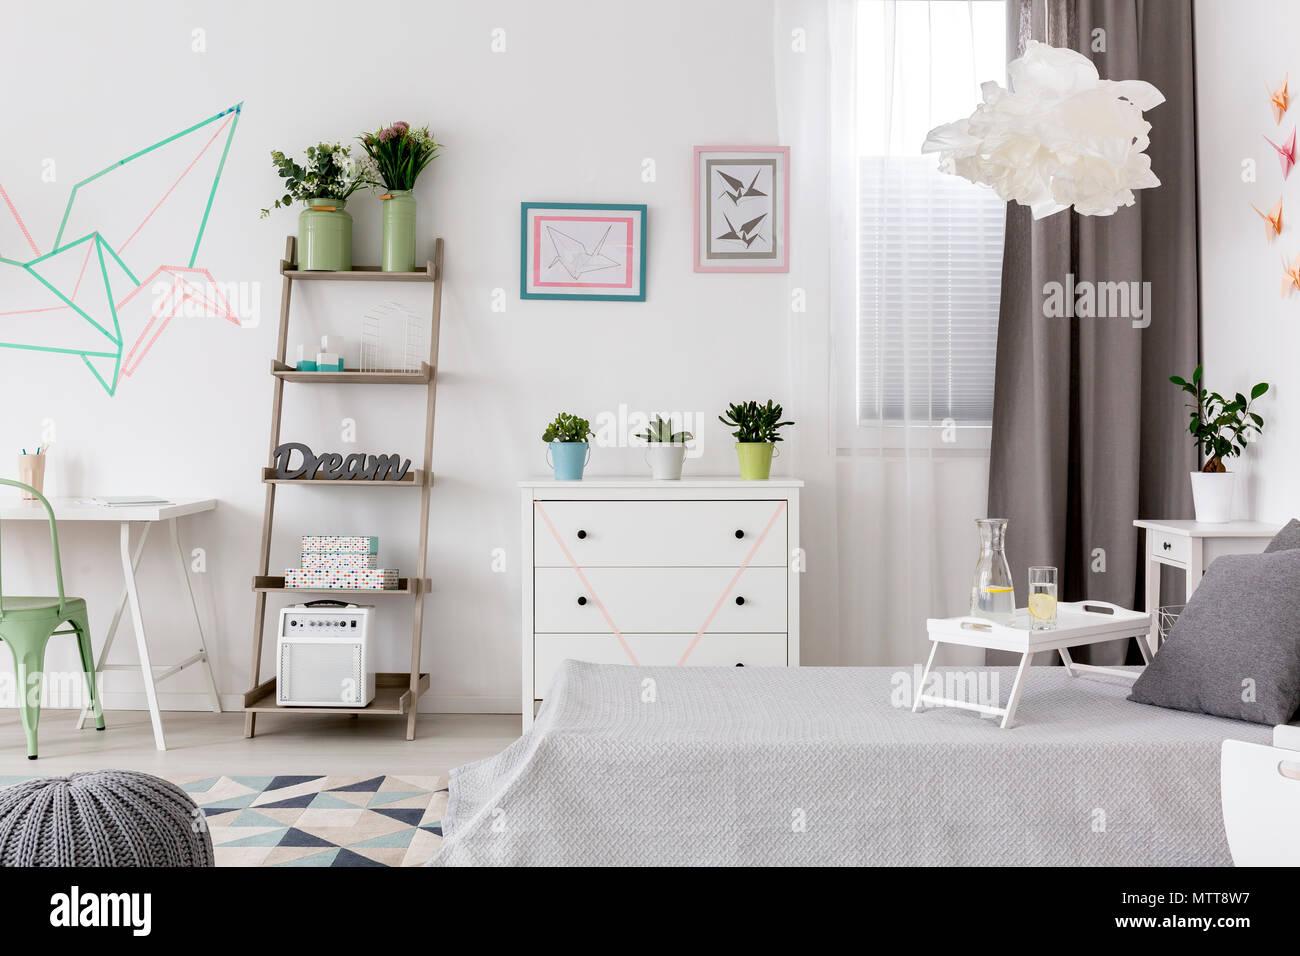 Licht Schlafzimmer und Büro kombiniert und kreative Wand Dekor Stockbild